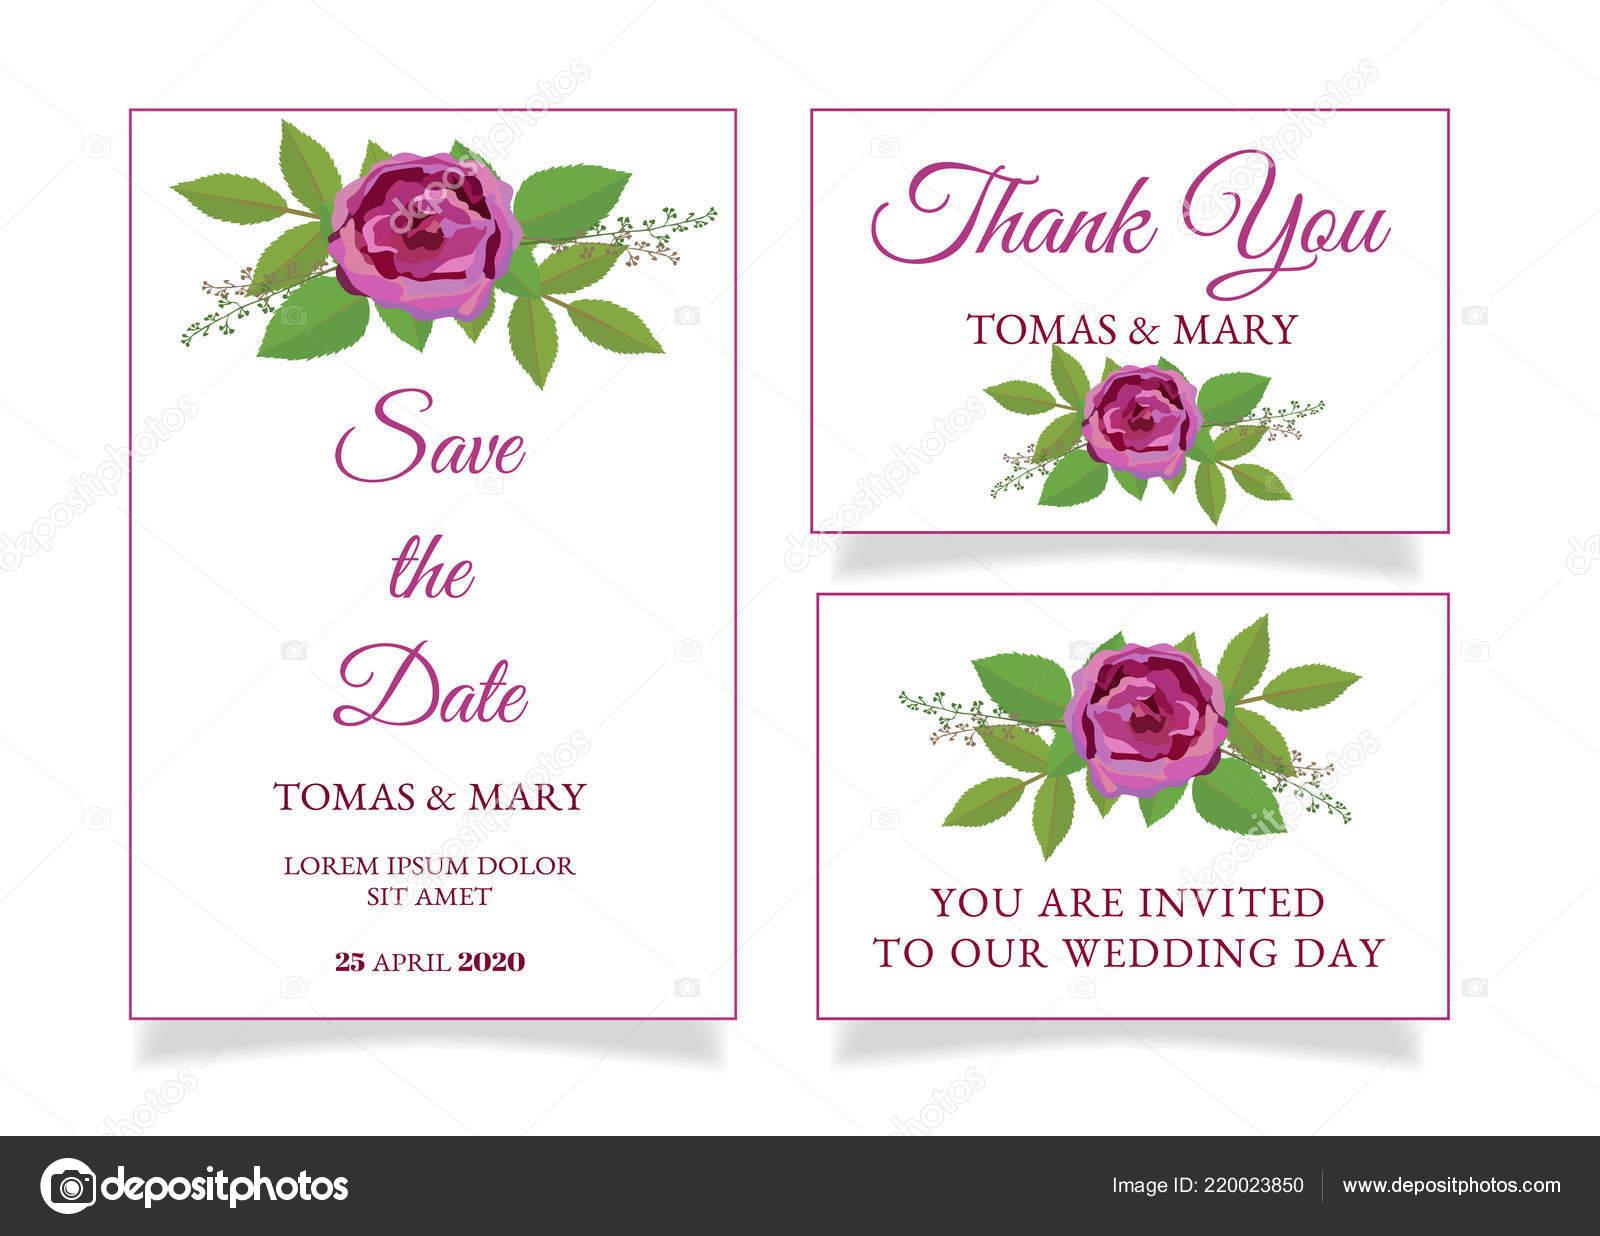 rustic wedding invitation template rose leaf printable wedding